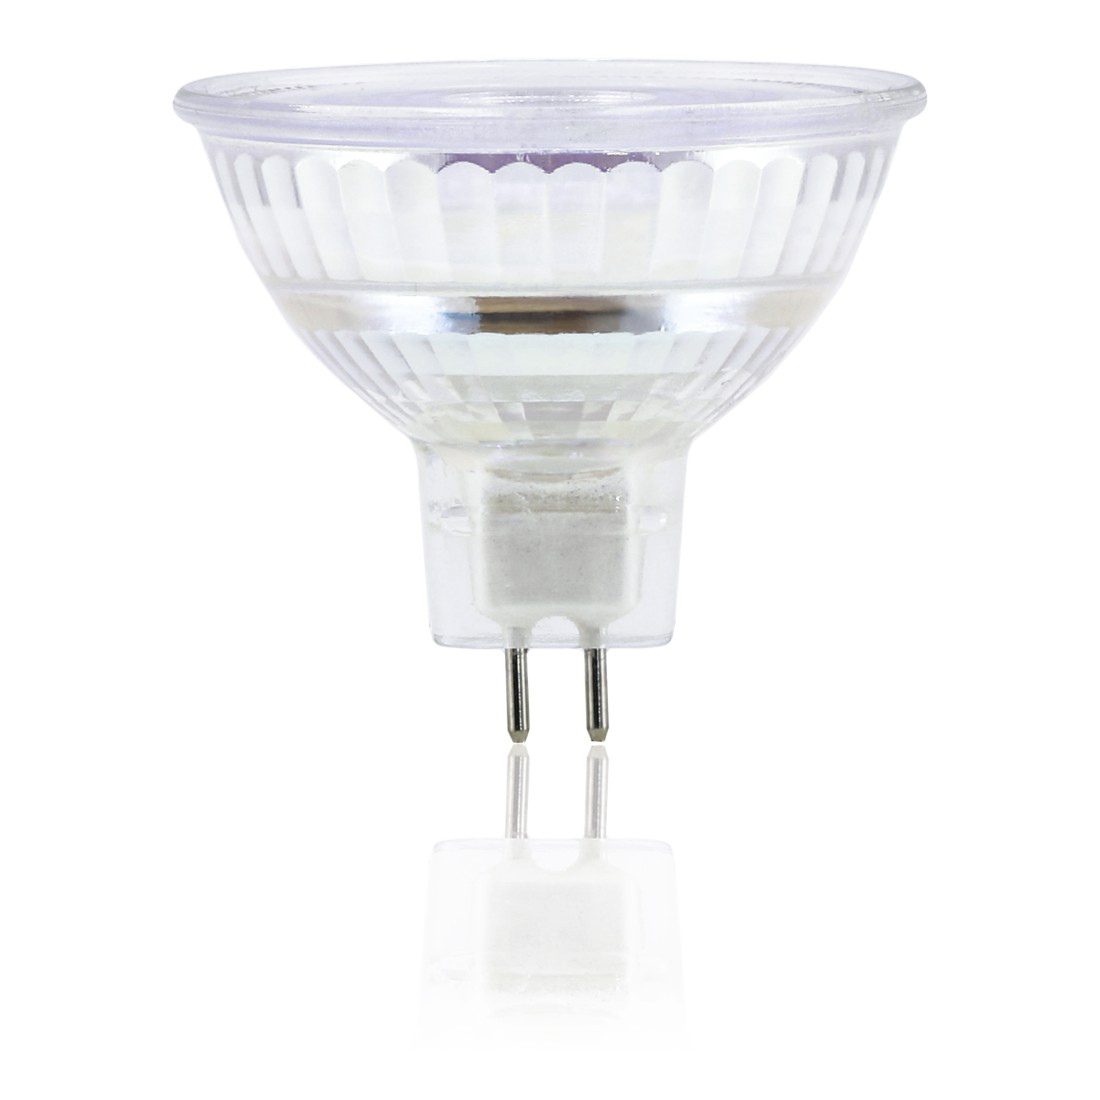 Xavax LED Lampe / Reklektorlampe GU5,3 12V 350lm Bild 1